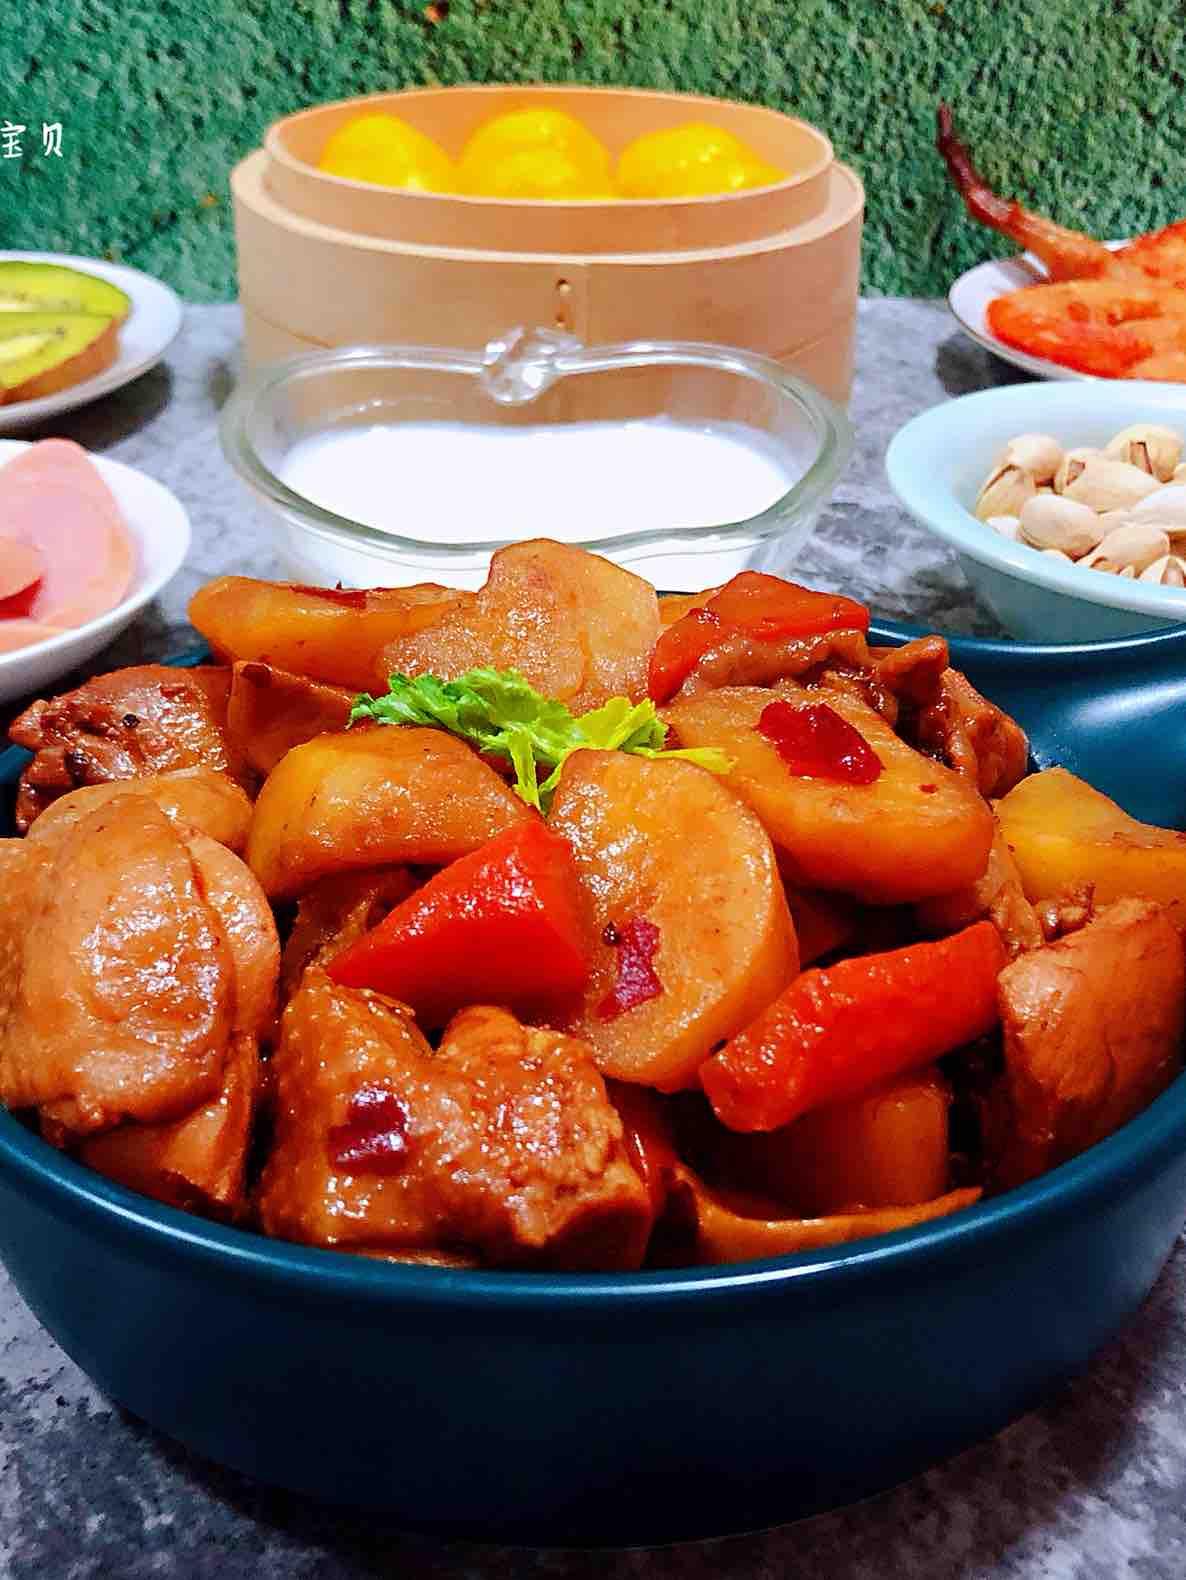 杏鲍菇土豆胡萝卜炖鸡腿